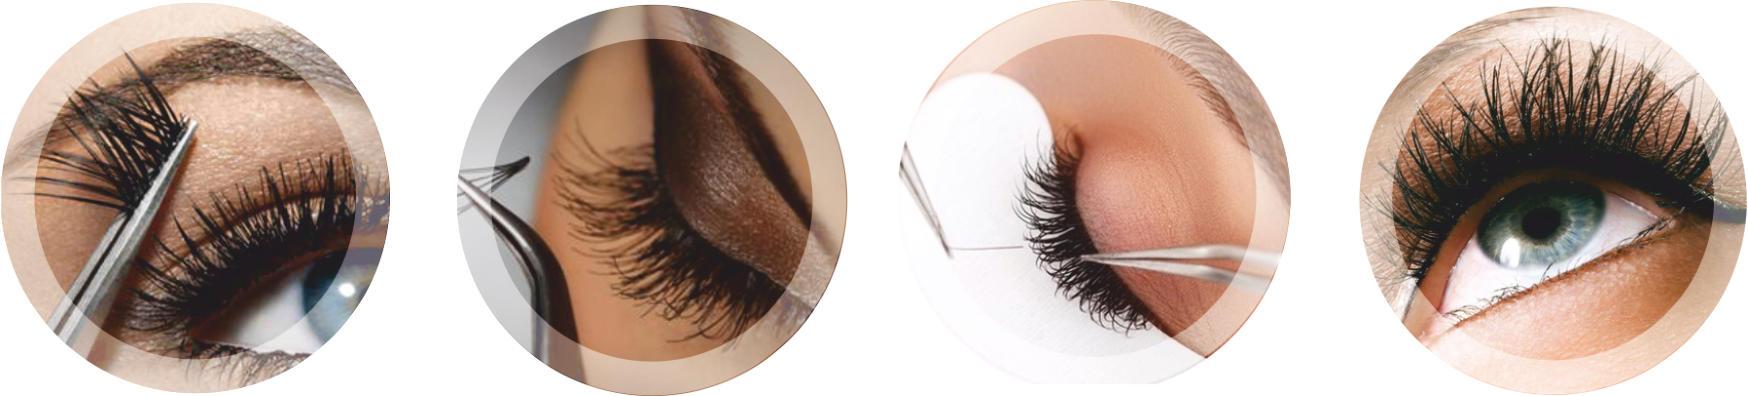 Zeba Hair Beauty Eyelash Extensions